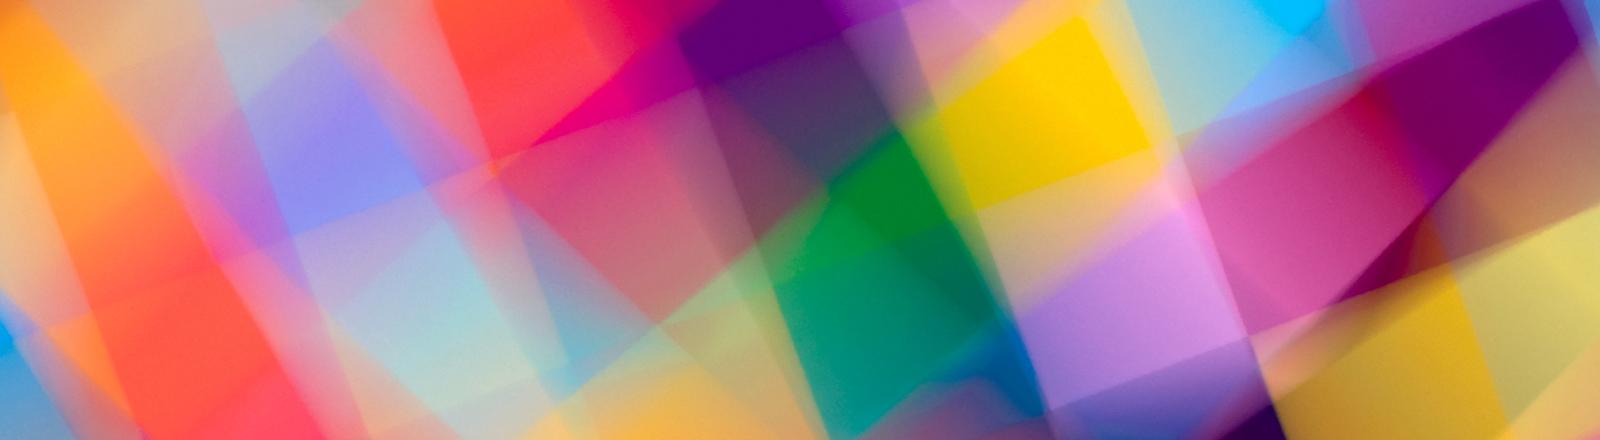 Bunte Quadrate, irgendwas zwischen psychedelischem LSD-Trip und buntem Prisma.